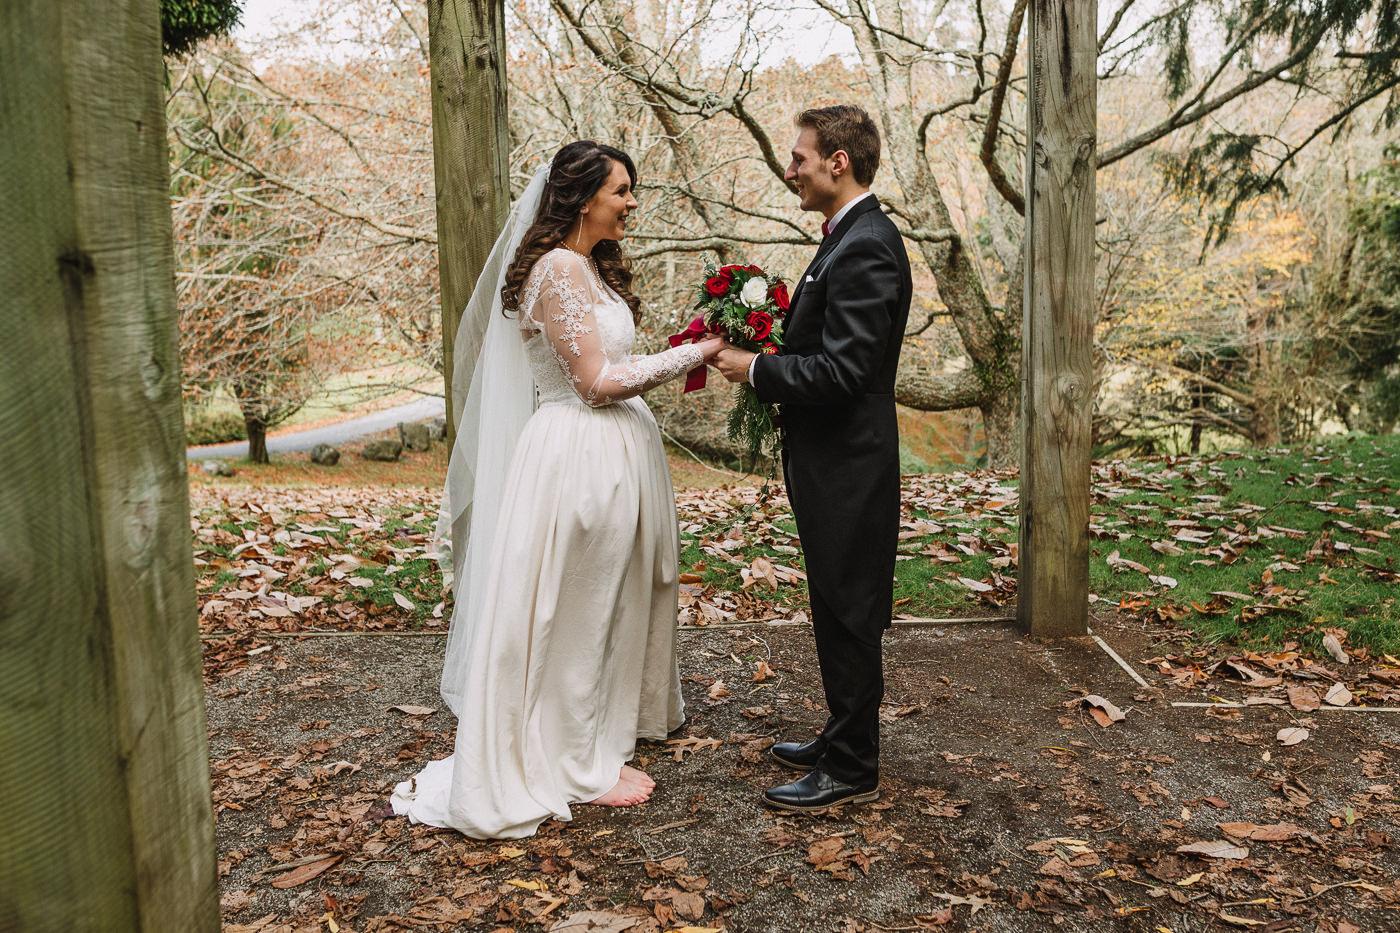 wedding_photographers_tauranga-1046.jpg